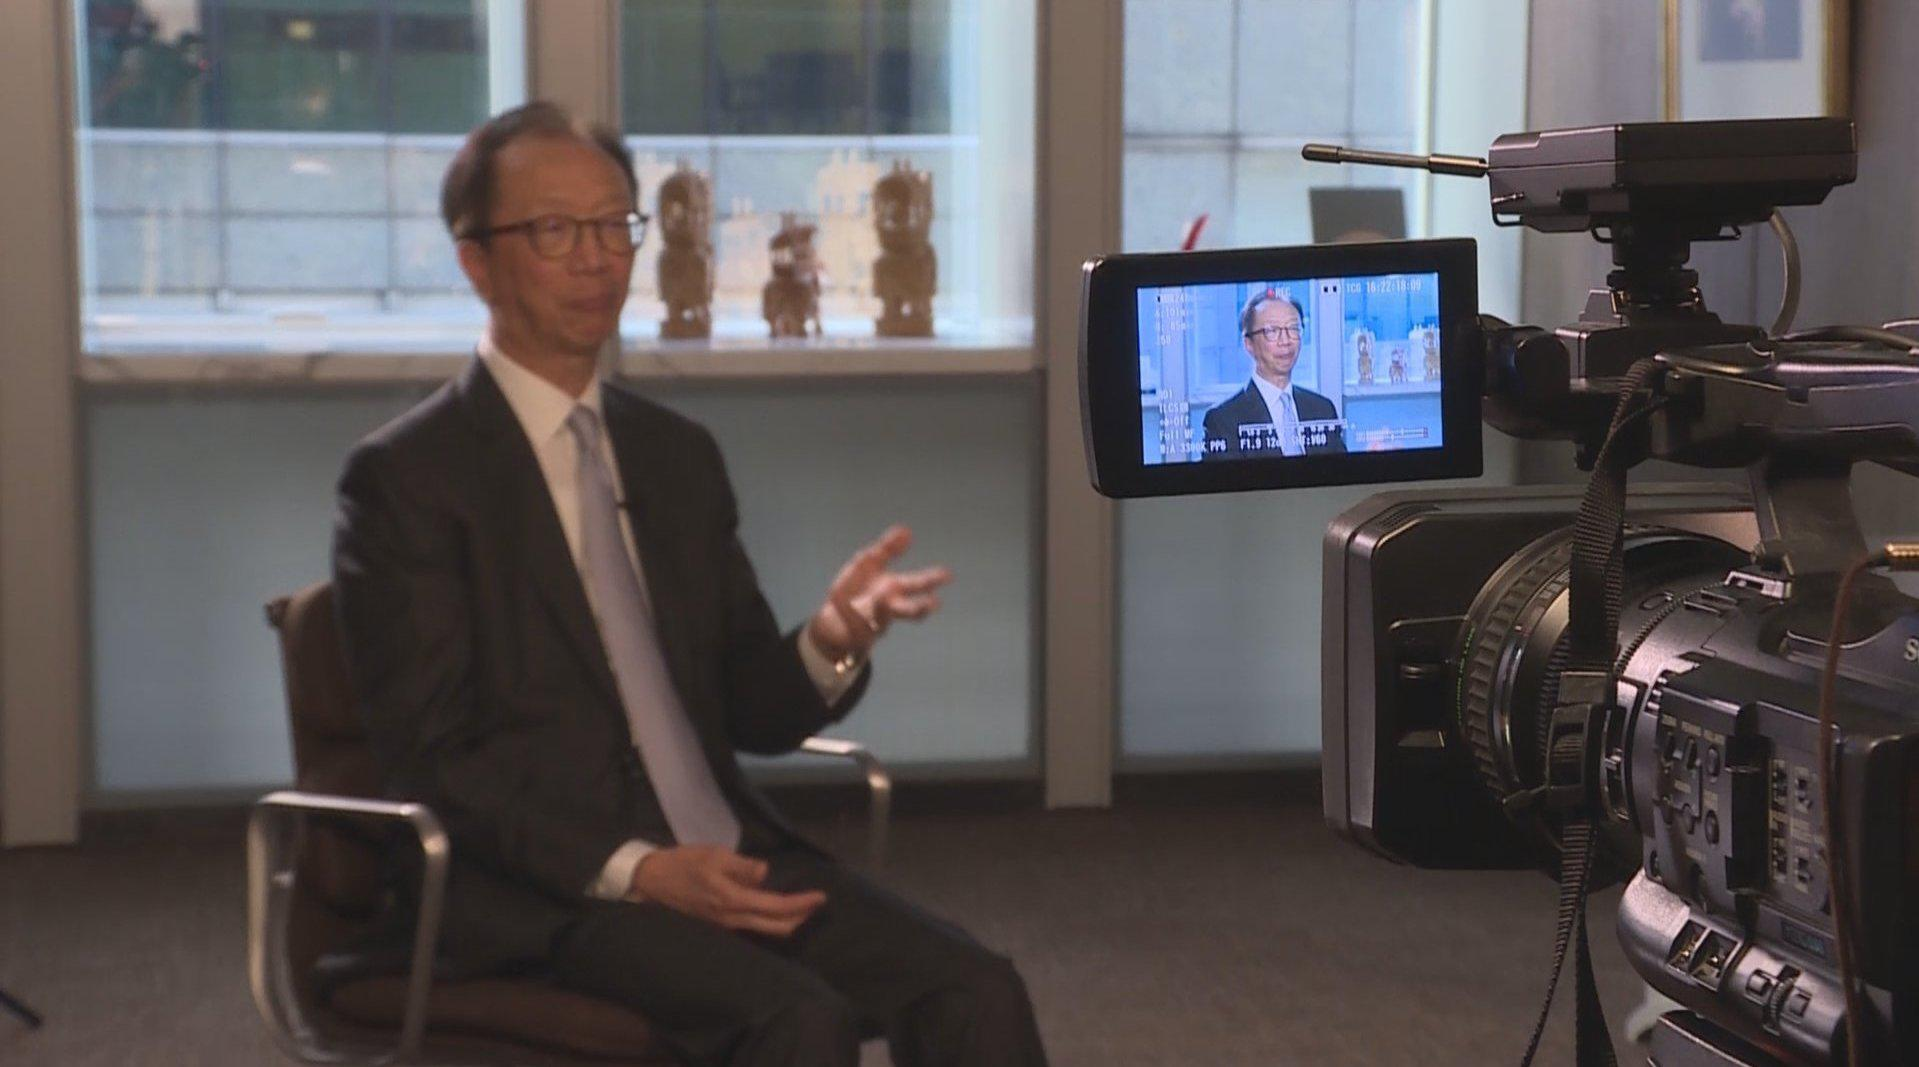 梁锦松:香港和深圳要像习主席期望的那样加强互联互通